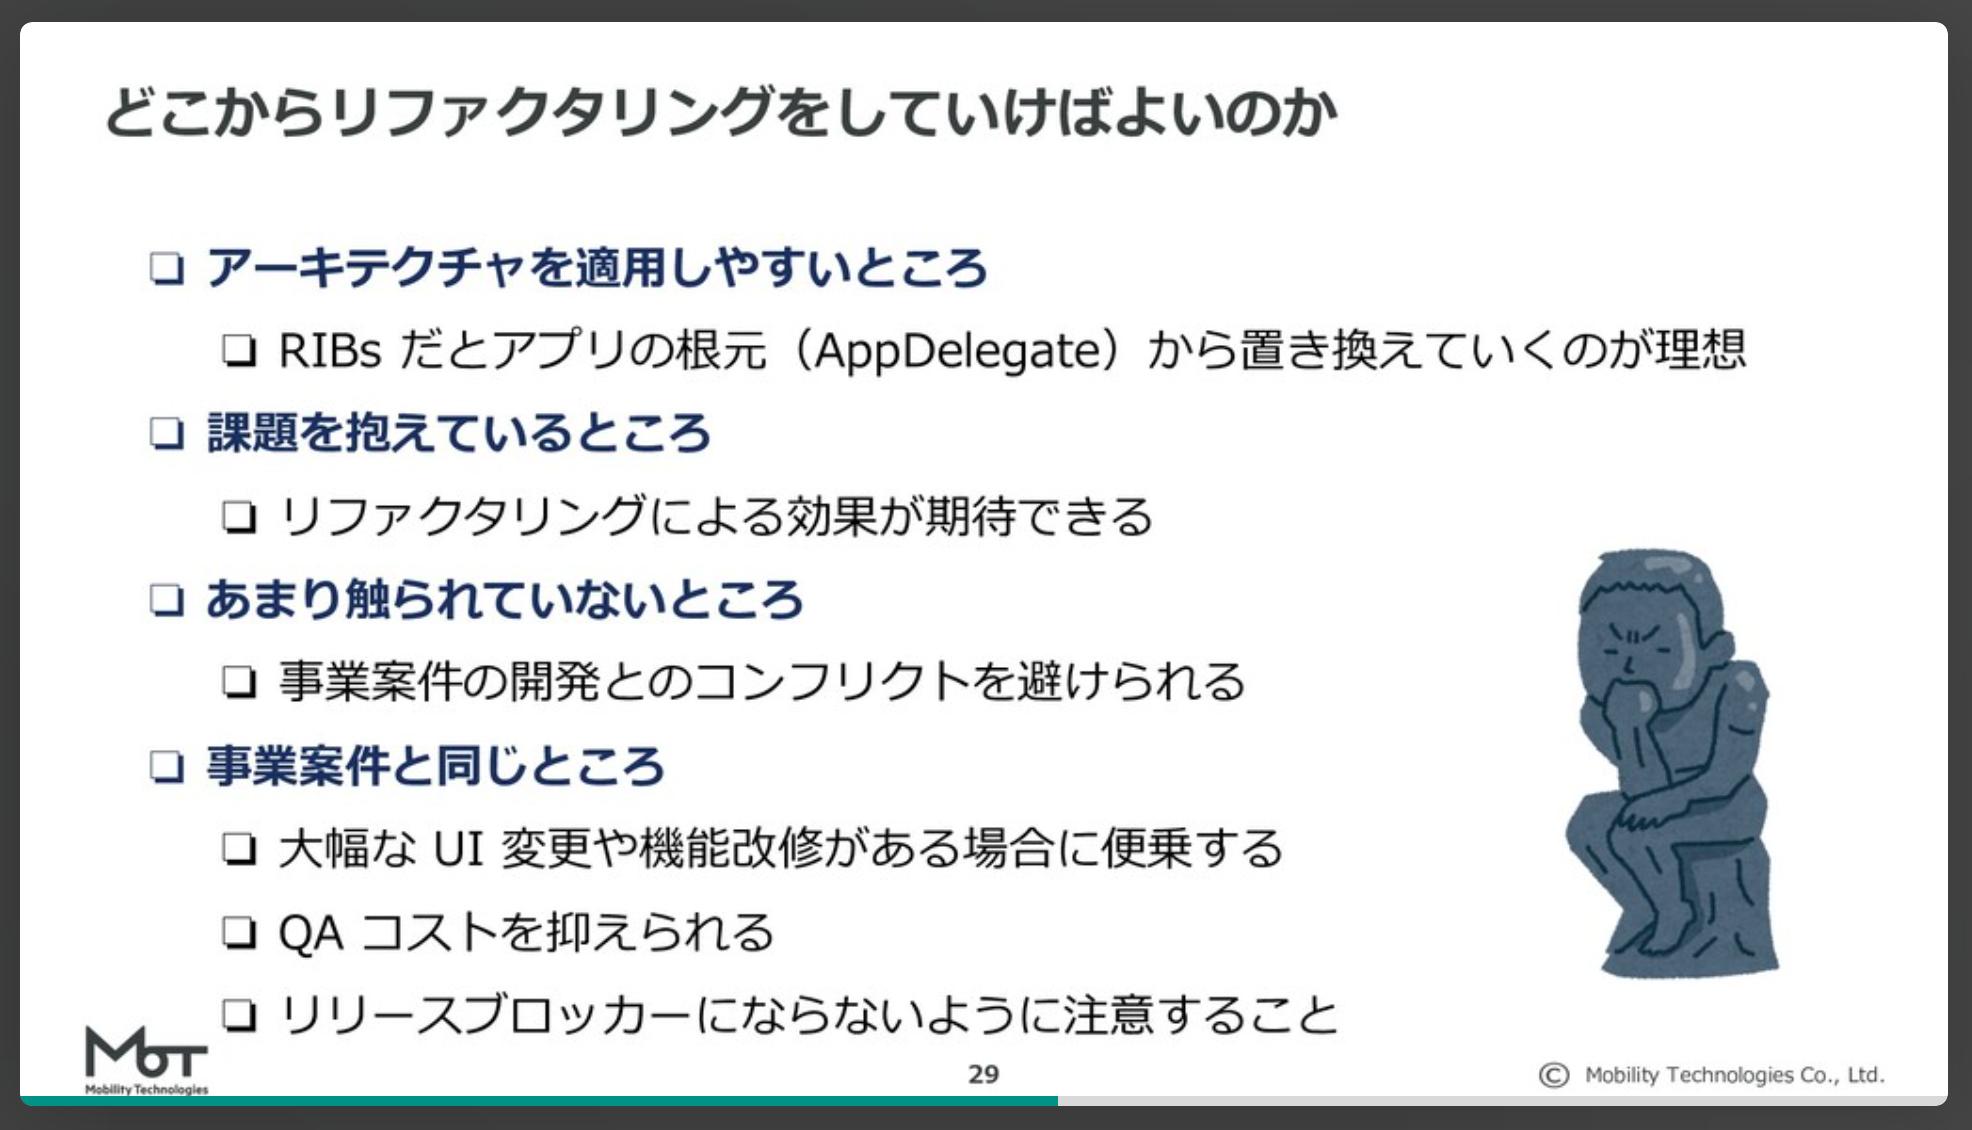 スクリーンショット 2021-09-18 9.26.32.png